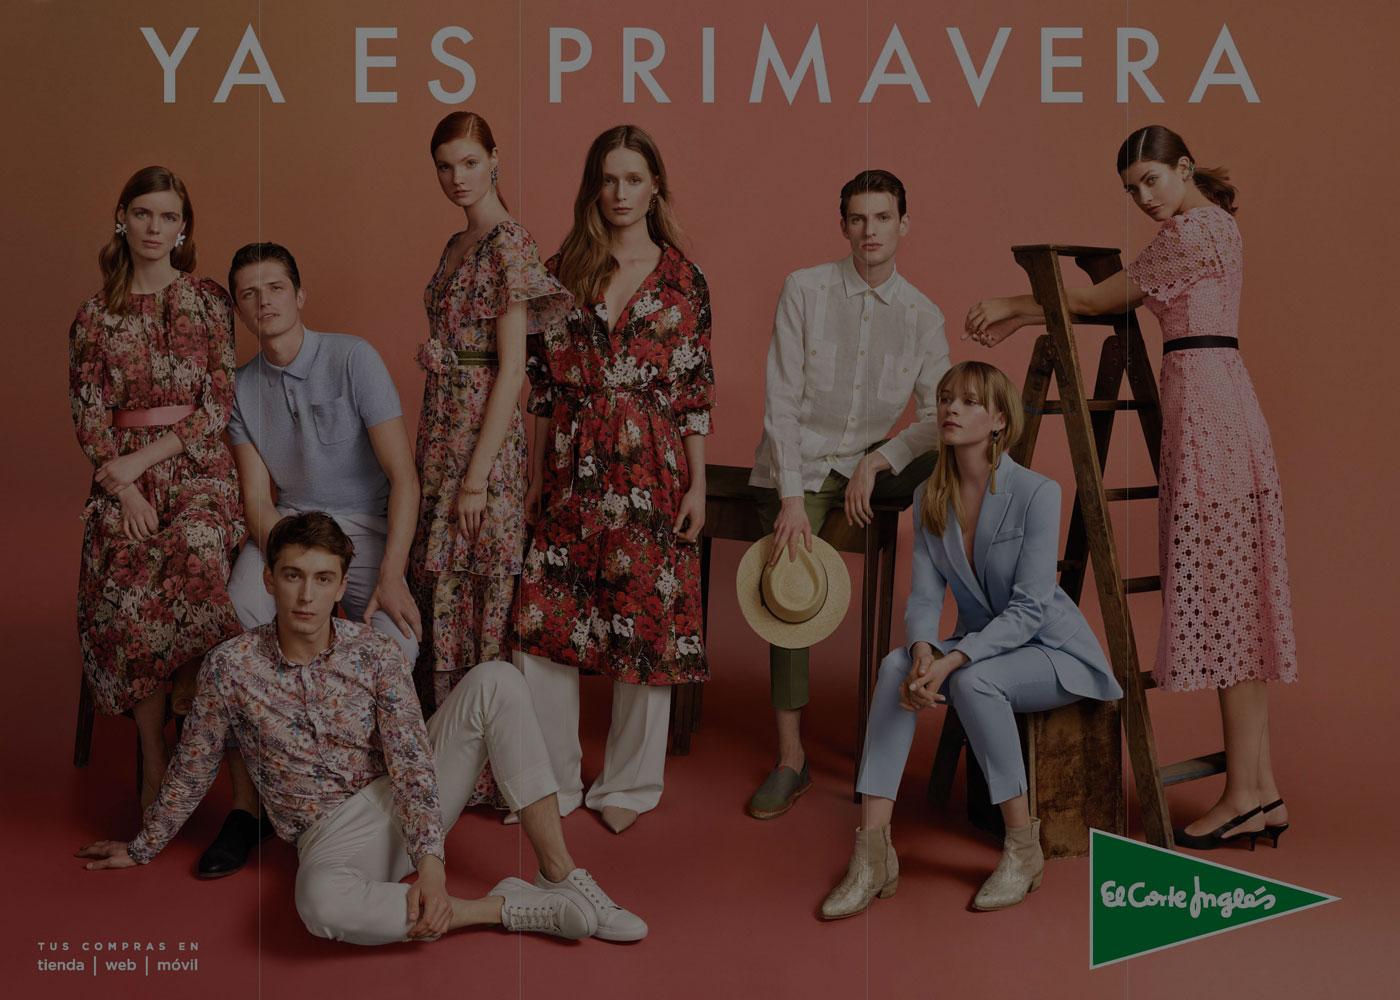 Campaña de marketing: EL Corte Inglés